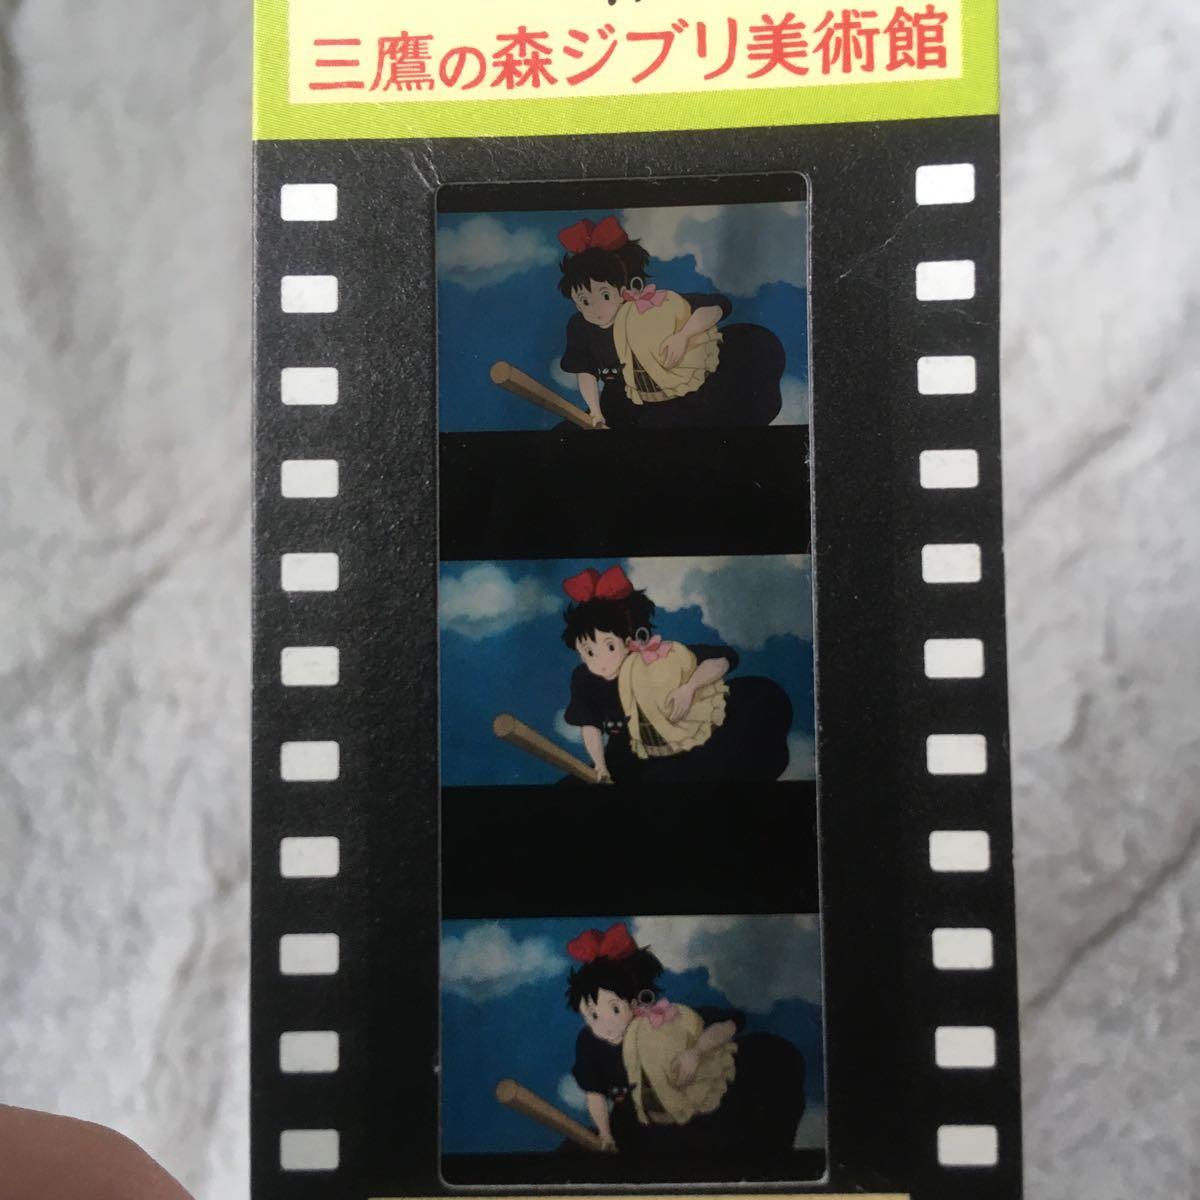 魔女の宅急便 ジブリ フィルム チケット ジブリ美術館 入場券 キキ_画像5